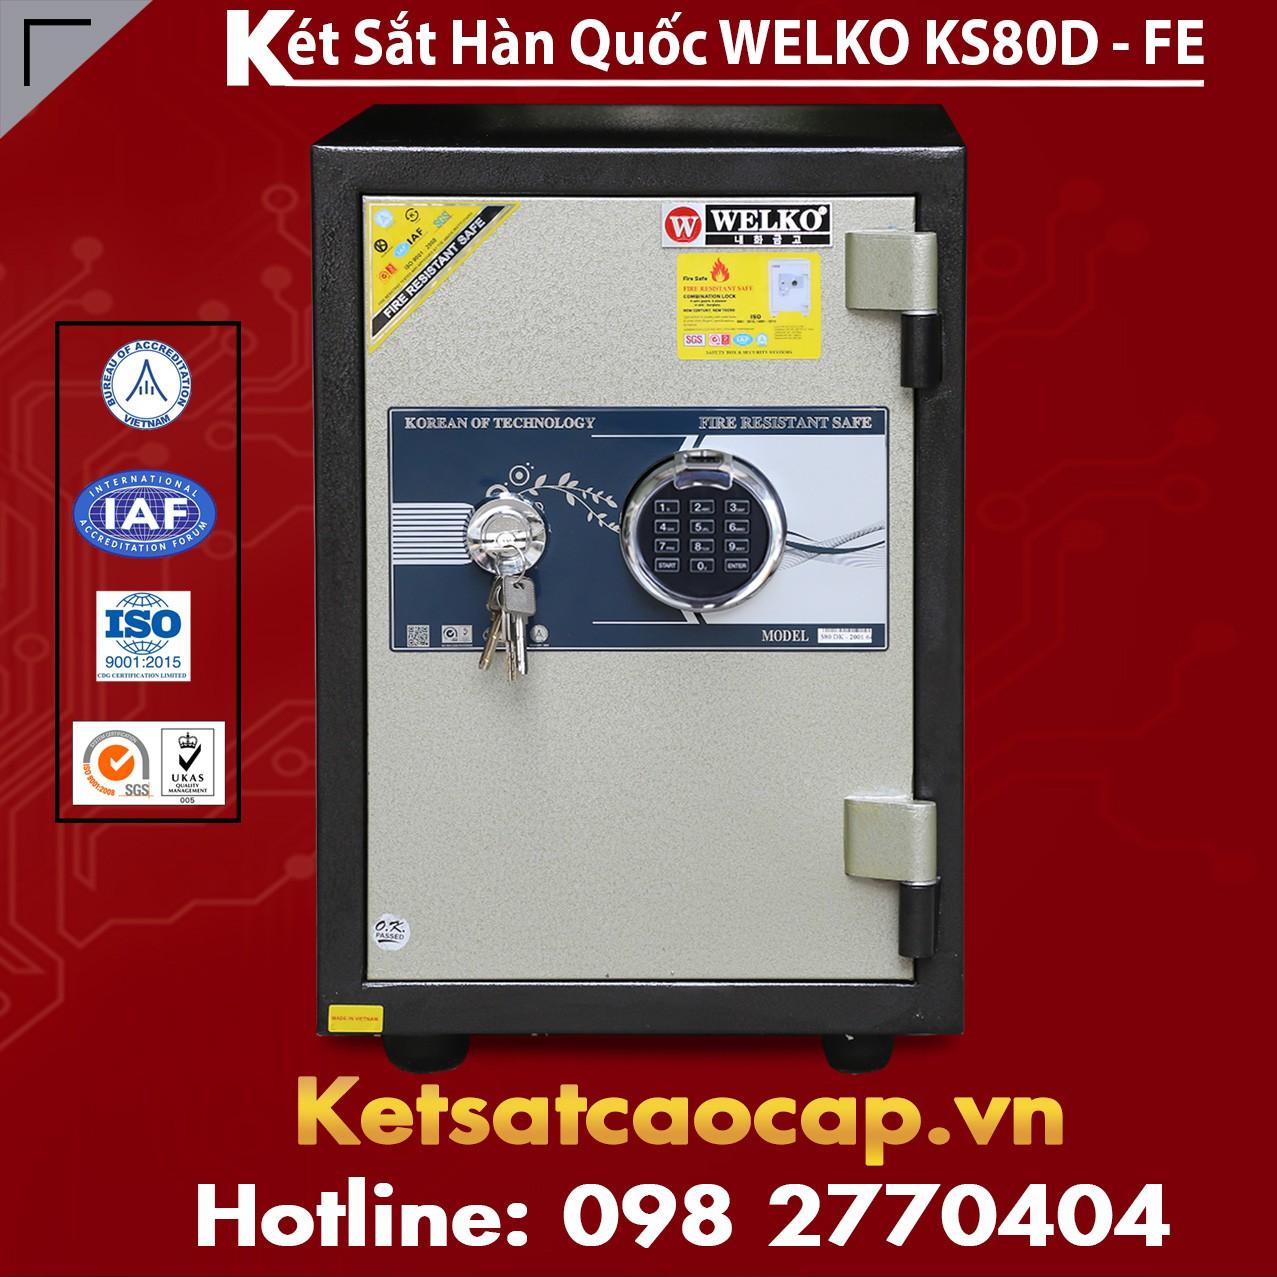 Két Sắt Vân Tay KS80D - FE